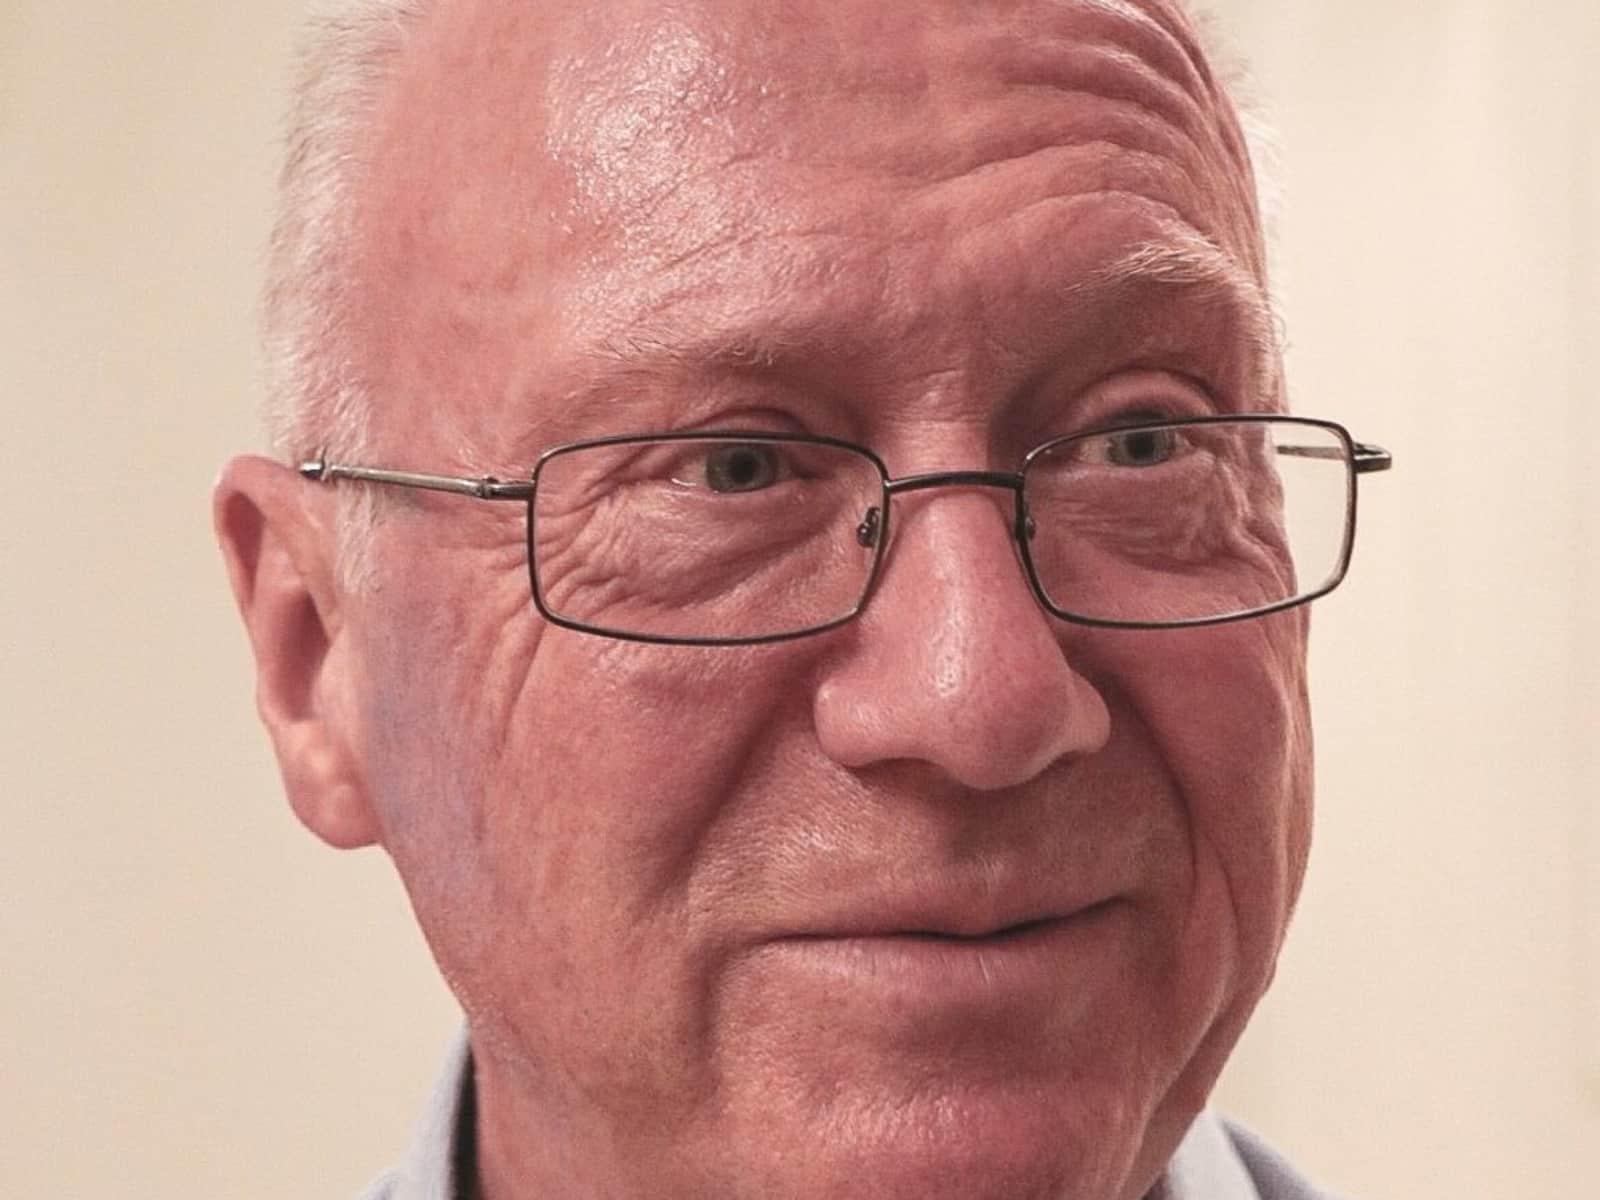 Howard from Dubai, United Arab Emirates